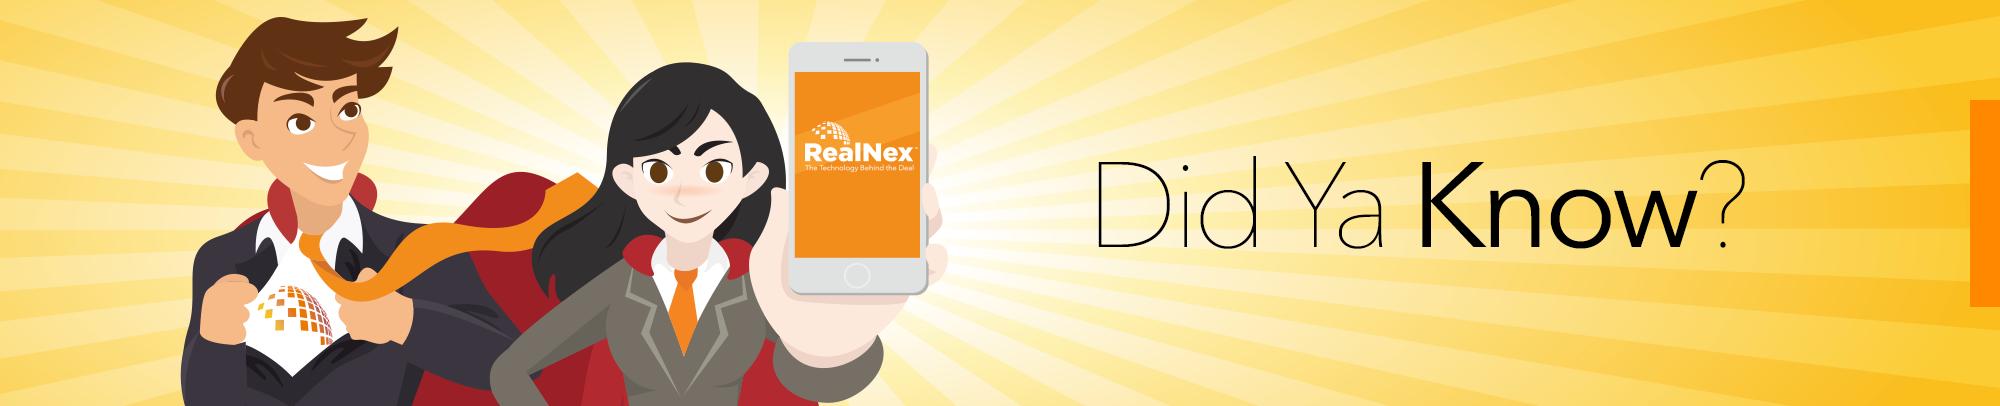 rnx-bloghdr-didyaknow-pb